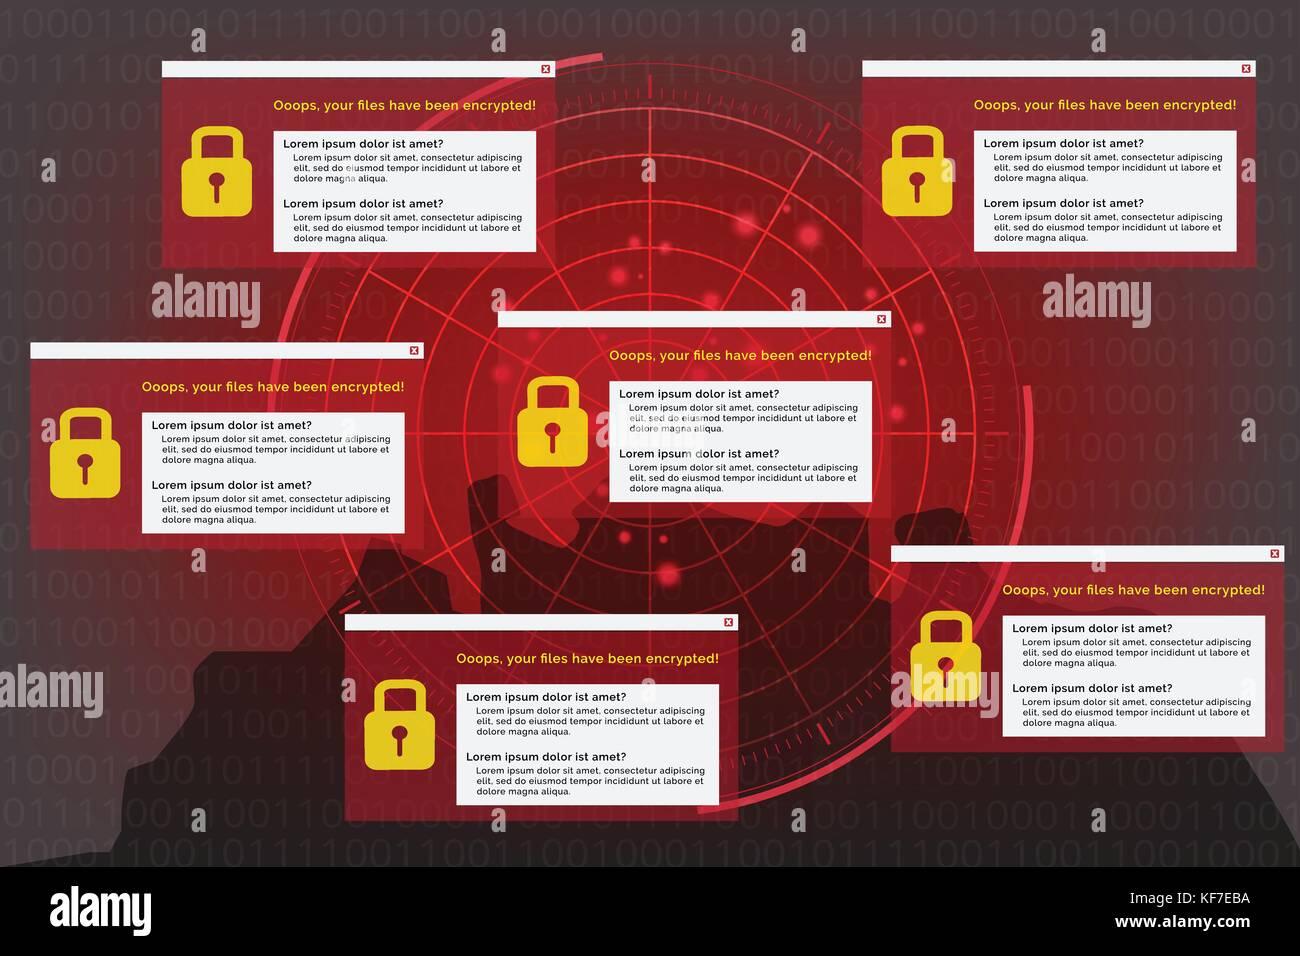 Abbildung: radar Erkennung auf malware virus Computer im Hintergrund Daten verschlüsseln der binäre Code. Stockbild